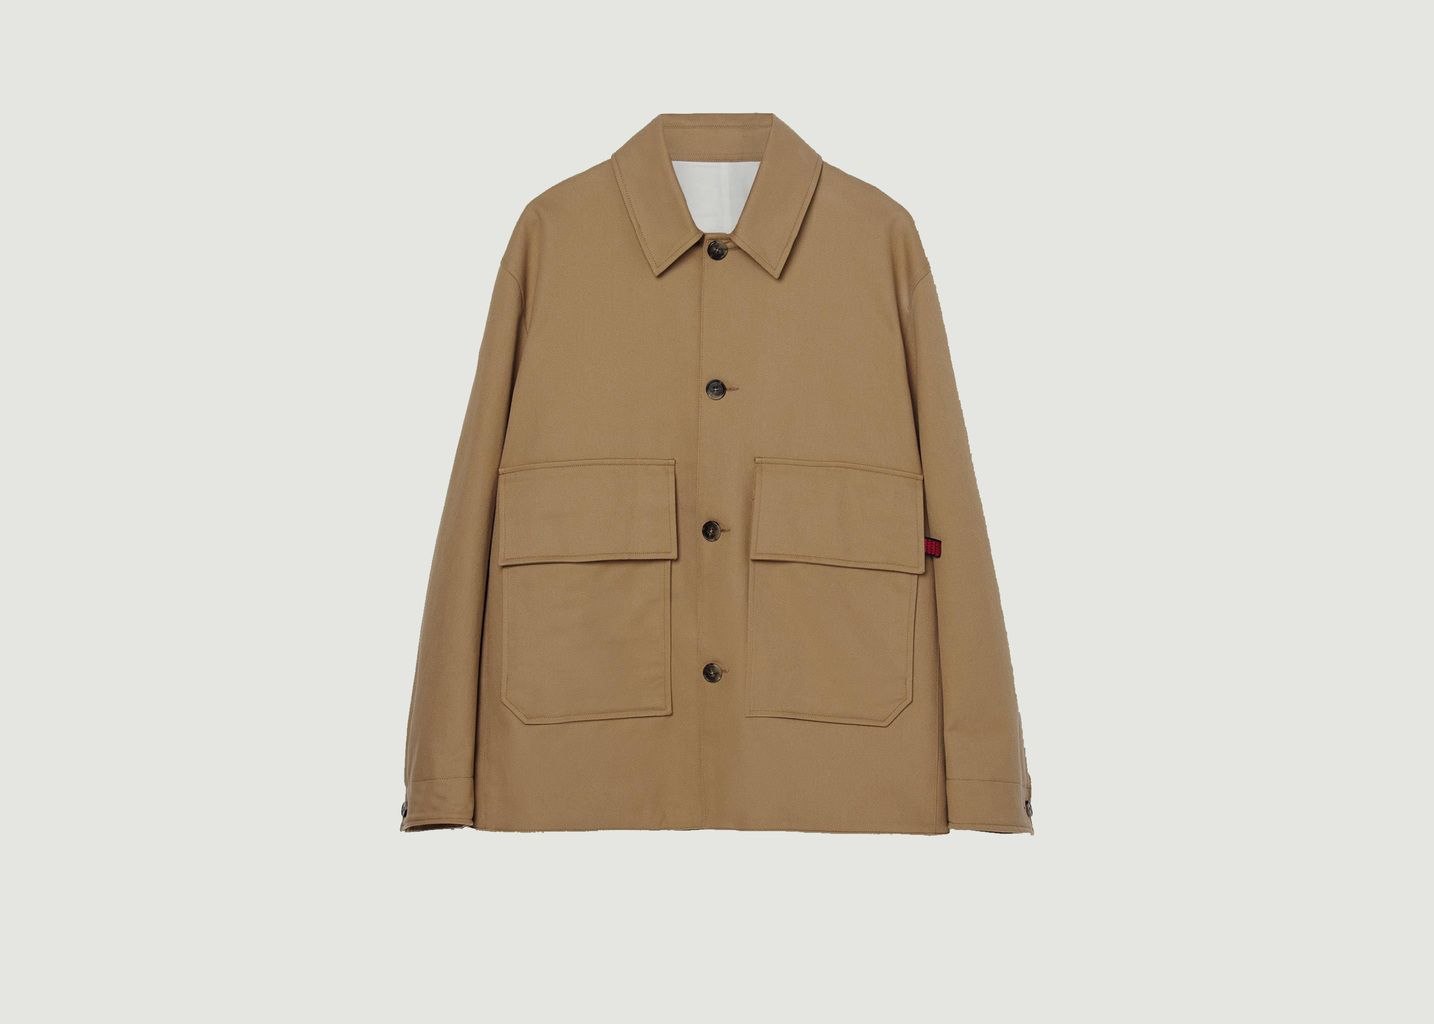 Veste oversize à poches en coton Lega Ponza - Loreak Mendian